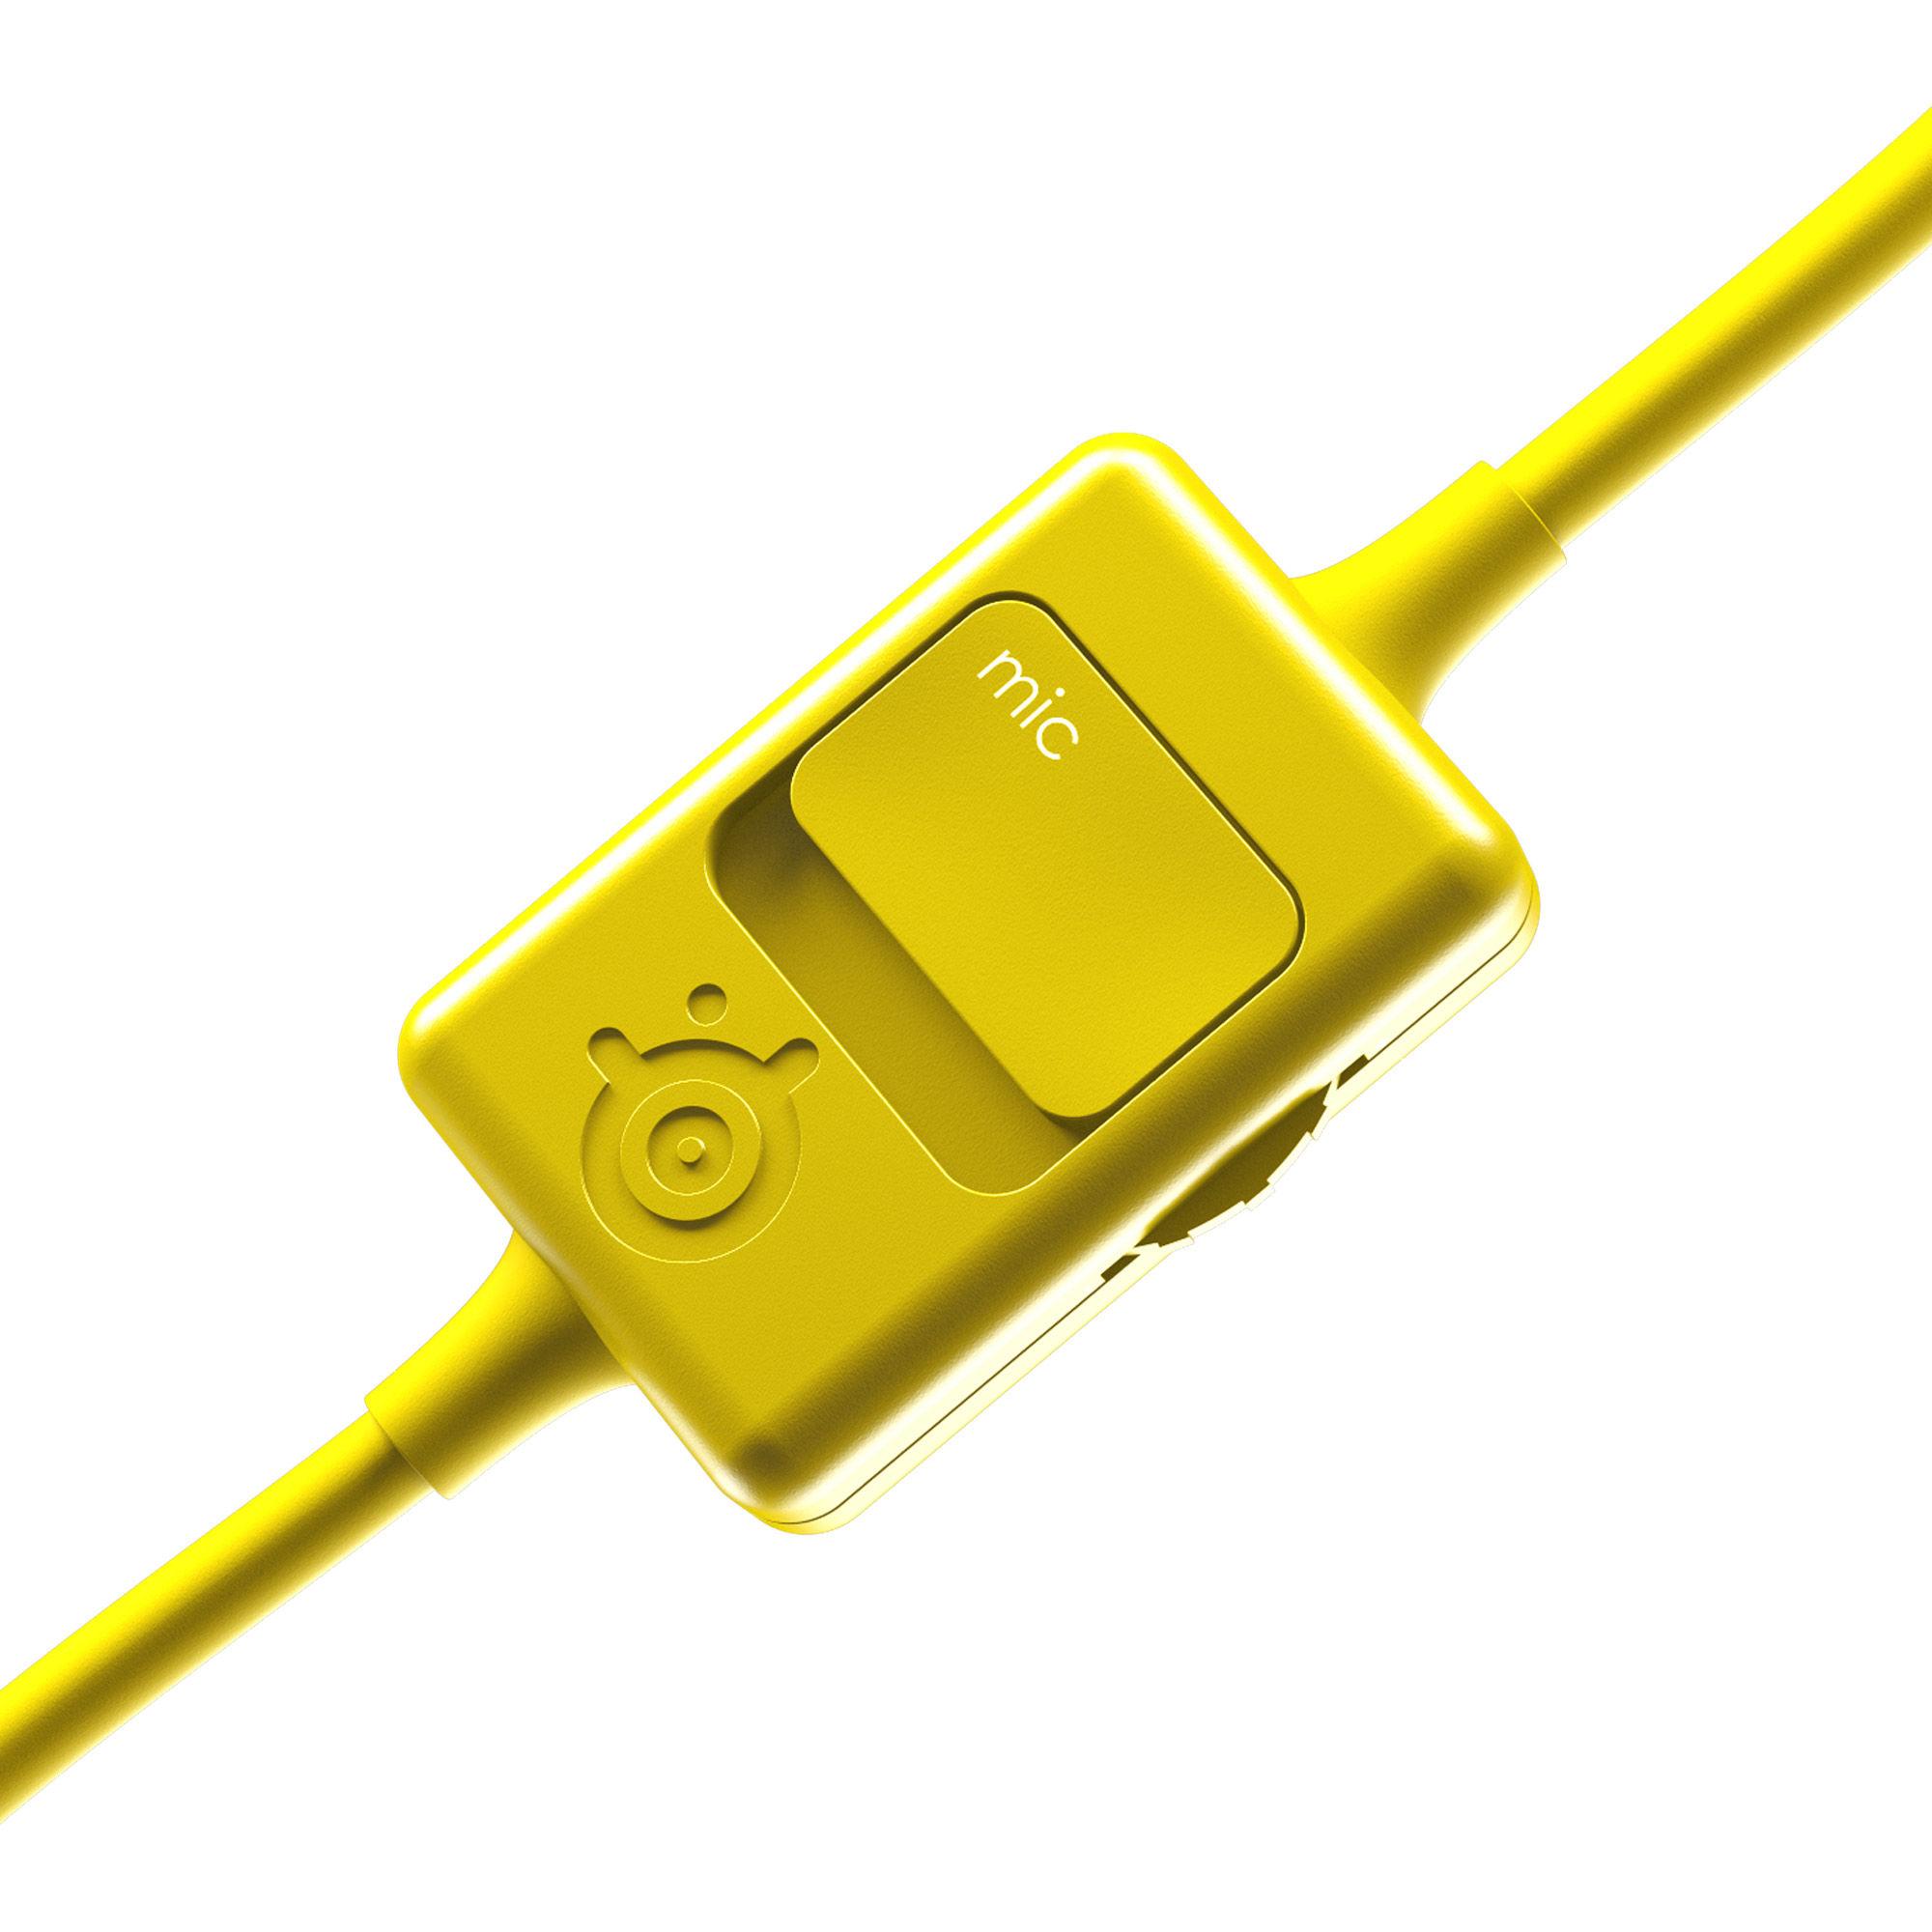 Siberia 200 Proton 200 Yellow